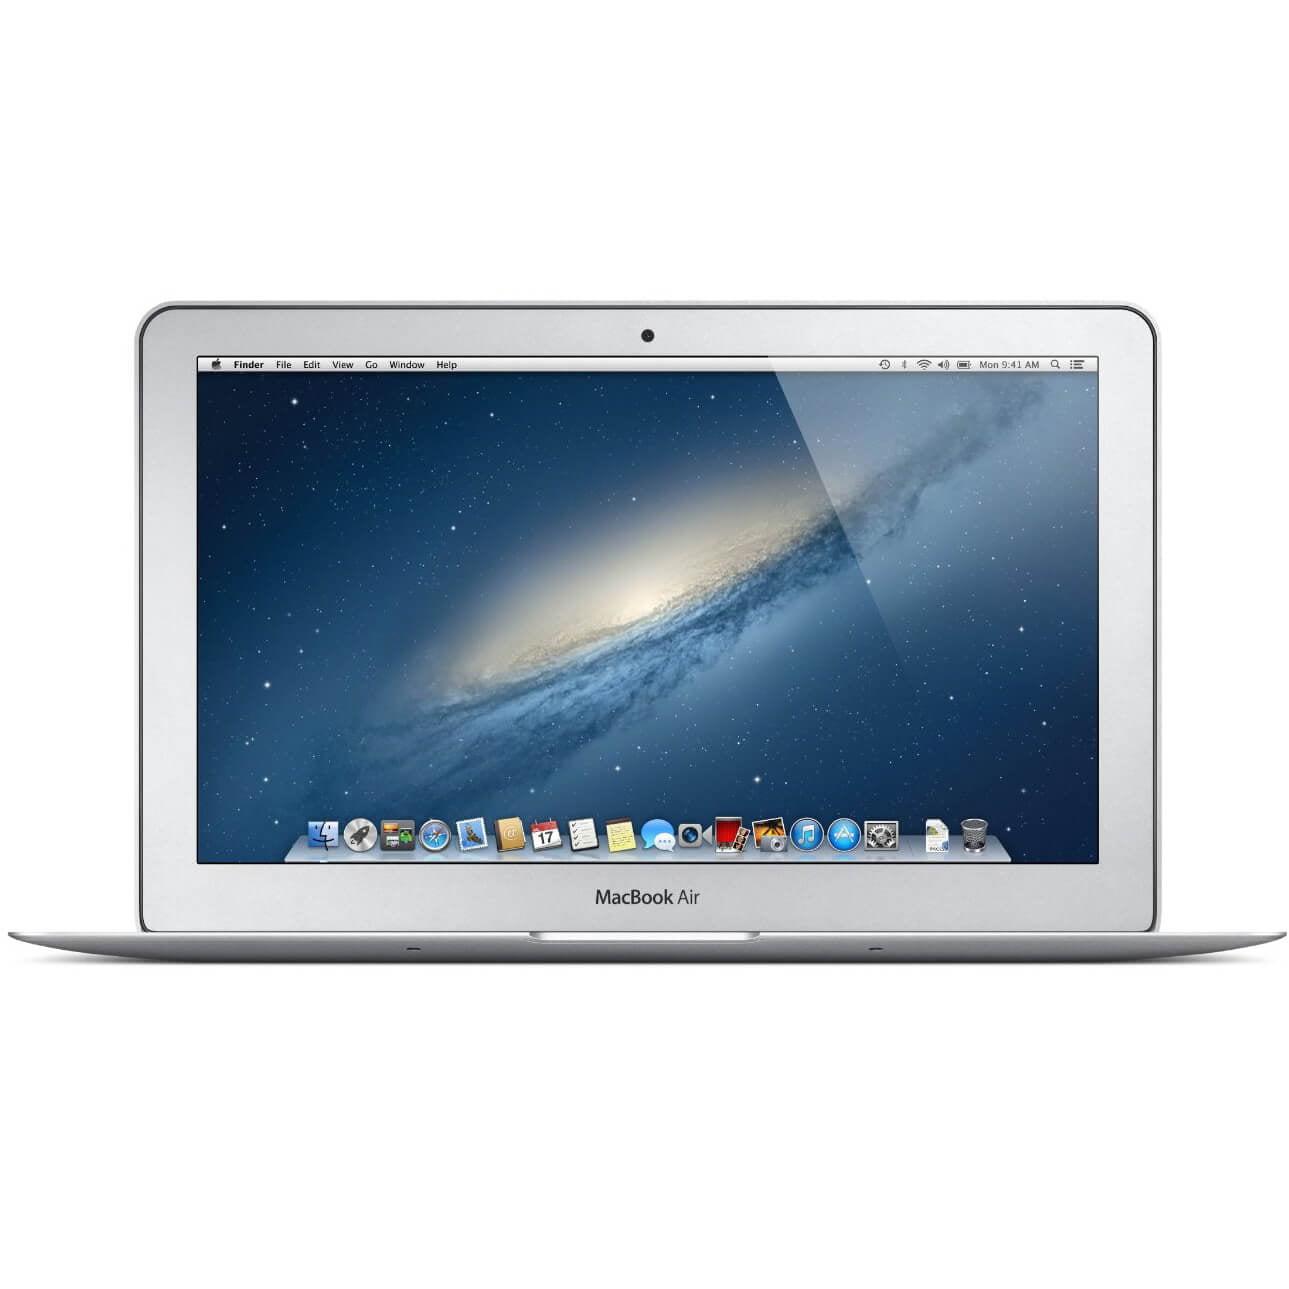 """Refurbished Apple MacBook Air 11.6"""" Laptop Intel Core i5-2467M 1.6GHz 2GB 64GB SSD MC968LL/A"""